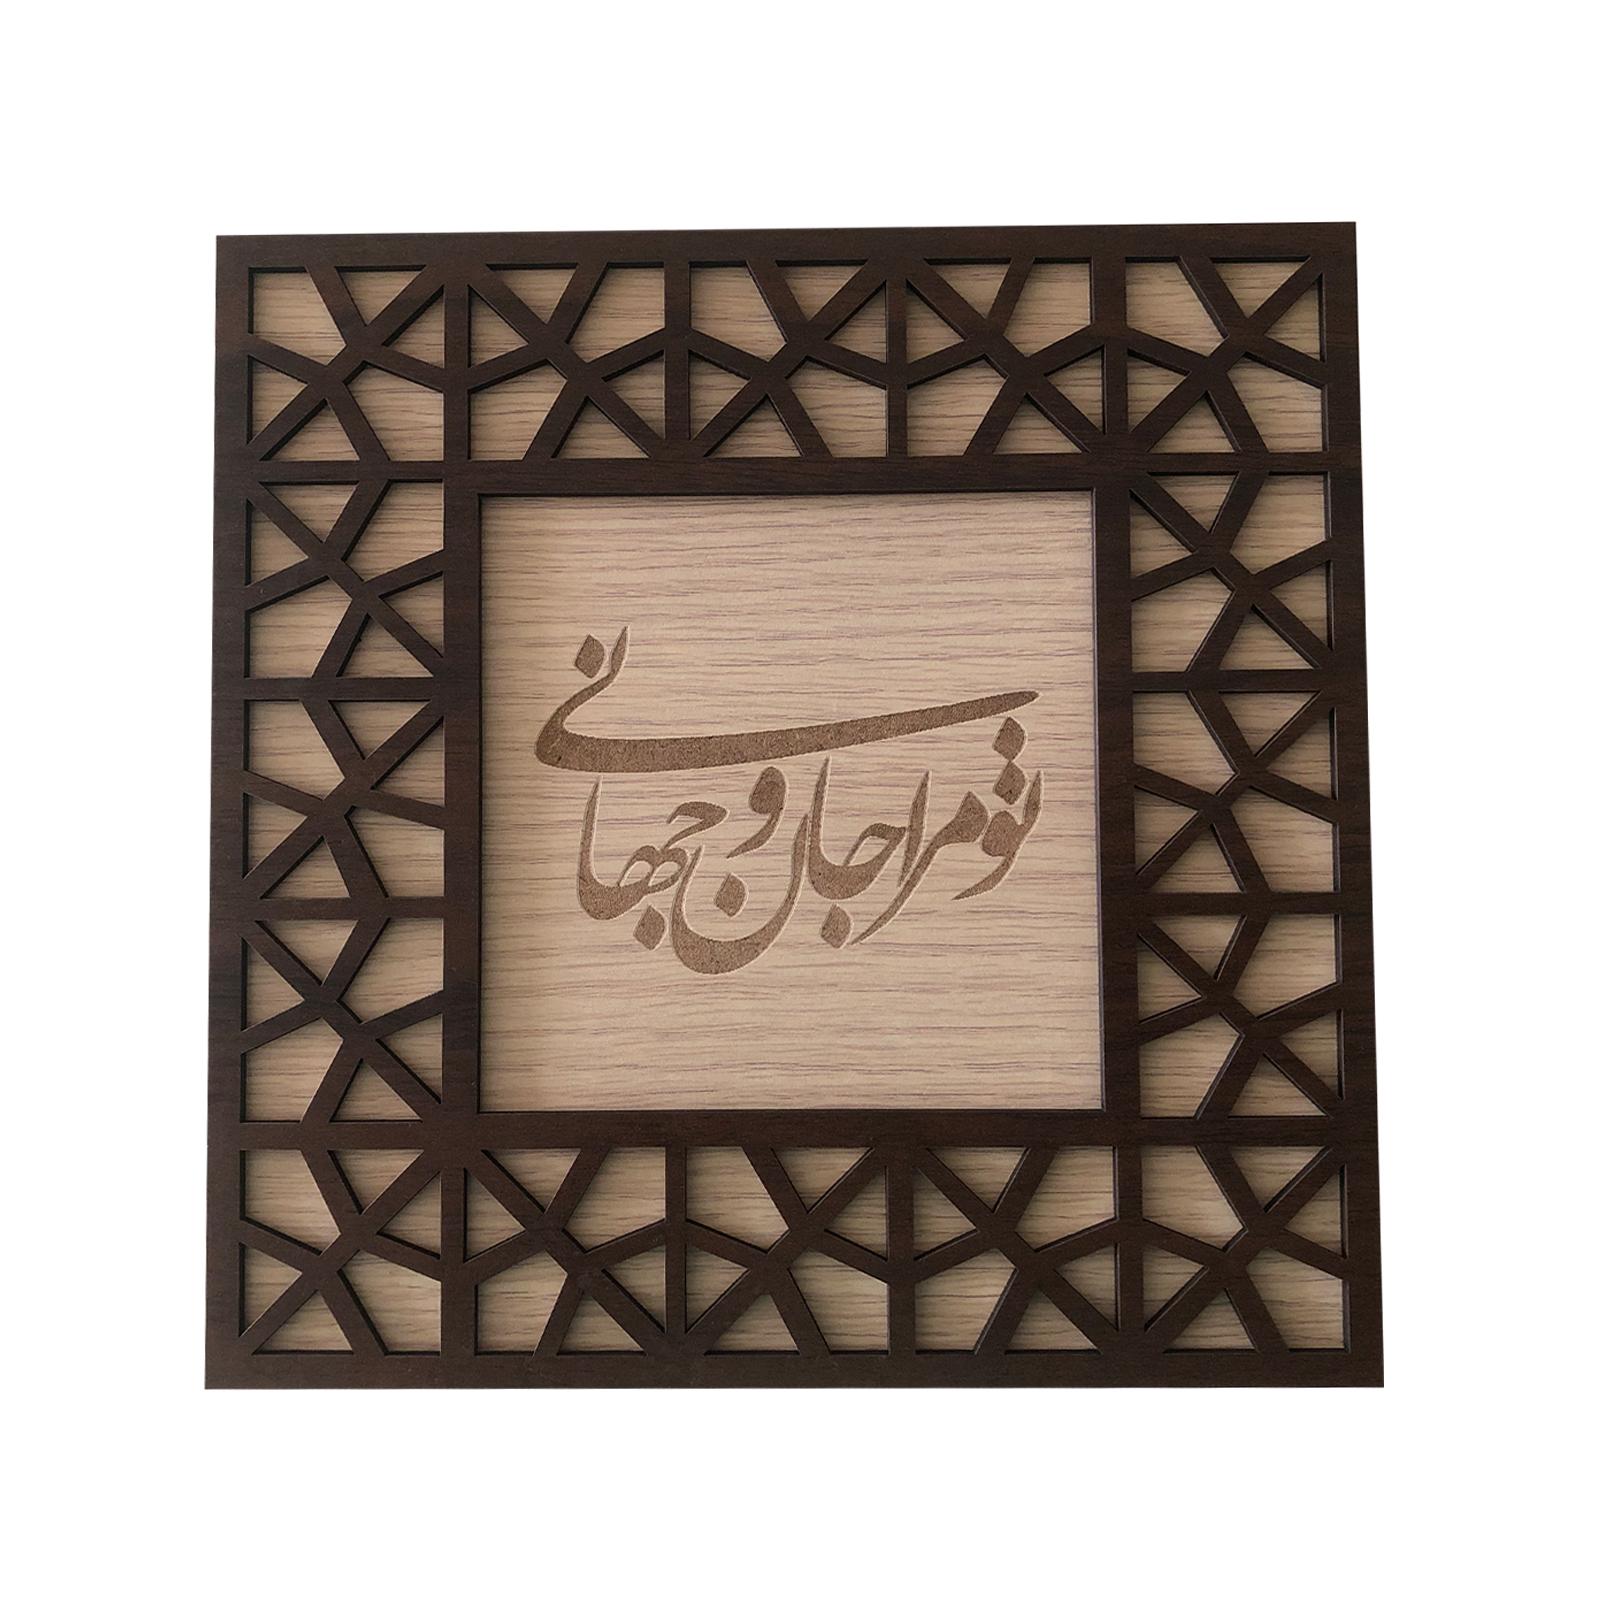 تابلو چوبی طرح عشق مدل دل نوشته کد ta4